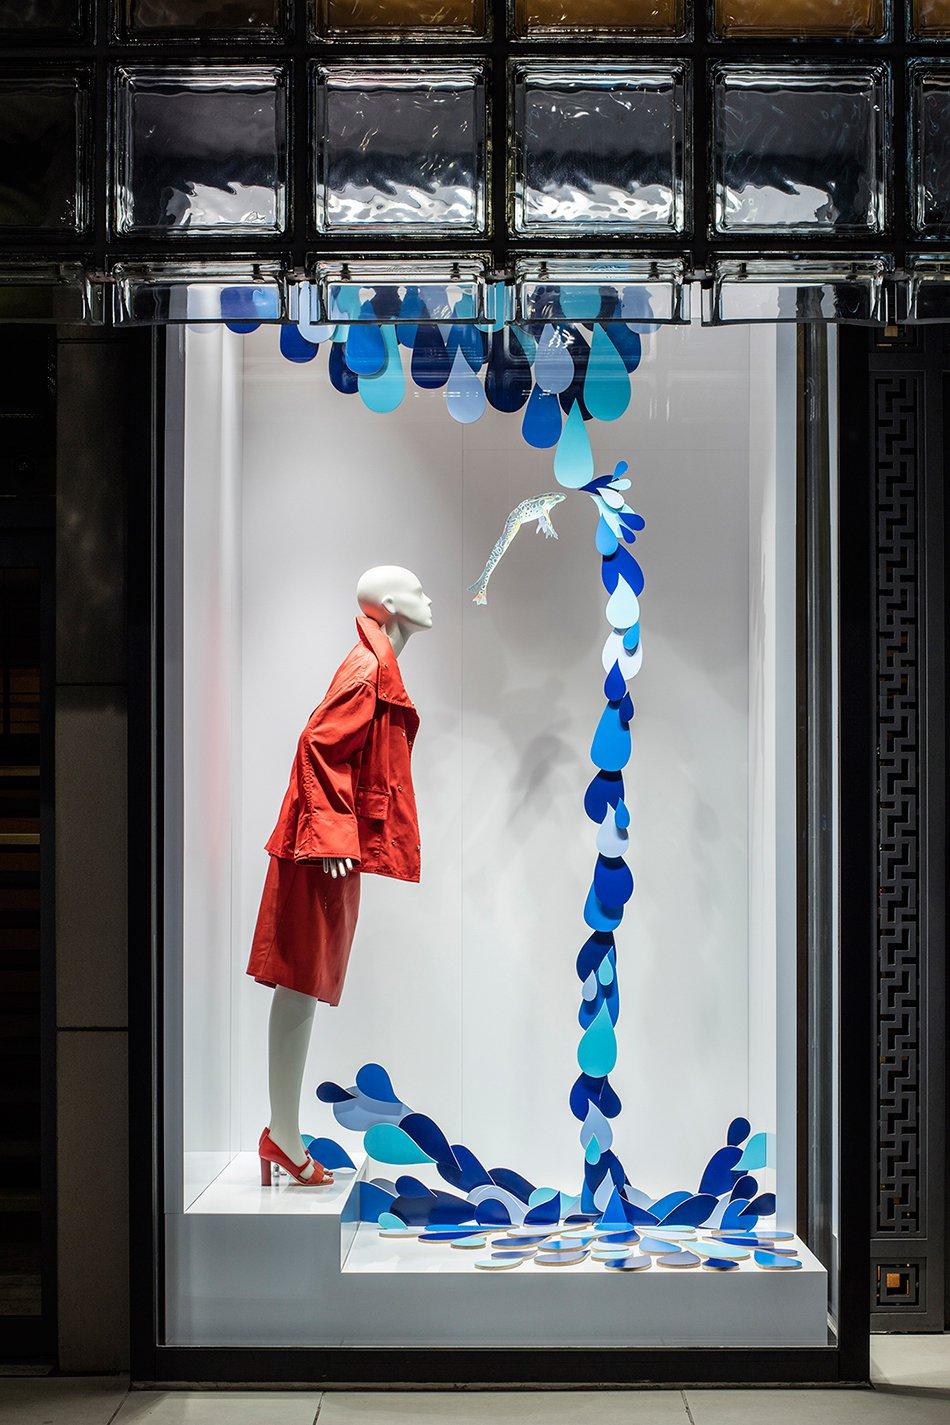 Luxuryretail_isabelle-daeron-window-display-maison-hermes-ginza-tokyo-making-waves-fish